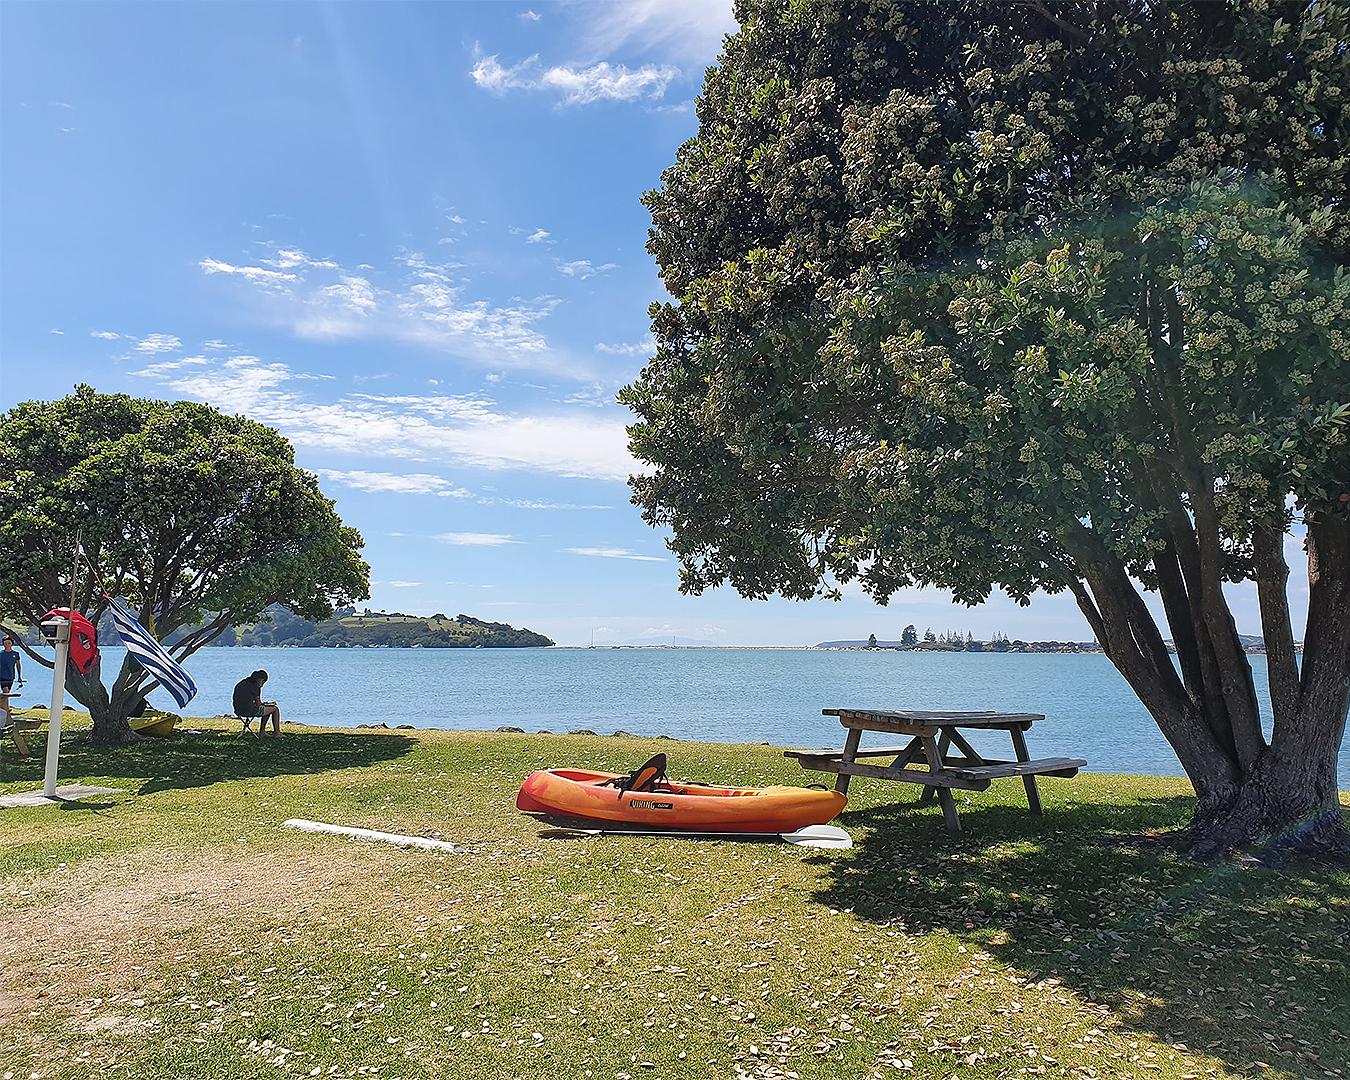 A beautiful day at Whangateau Bay.